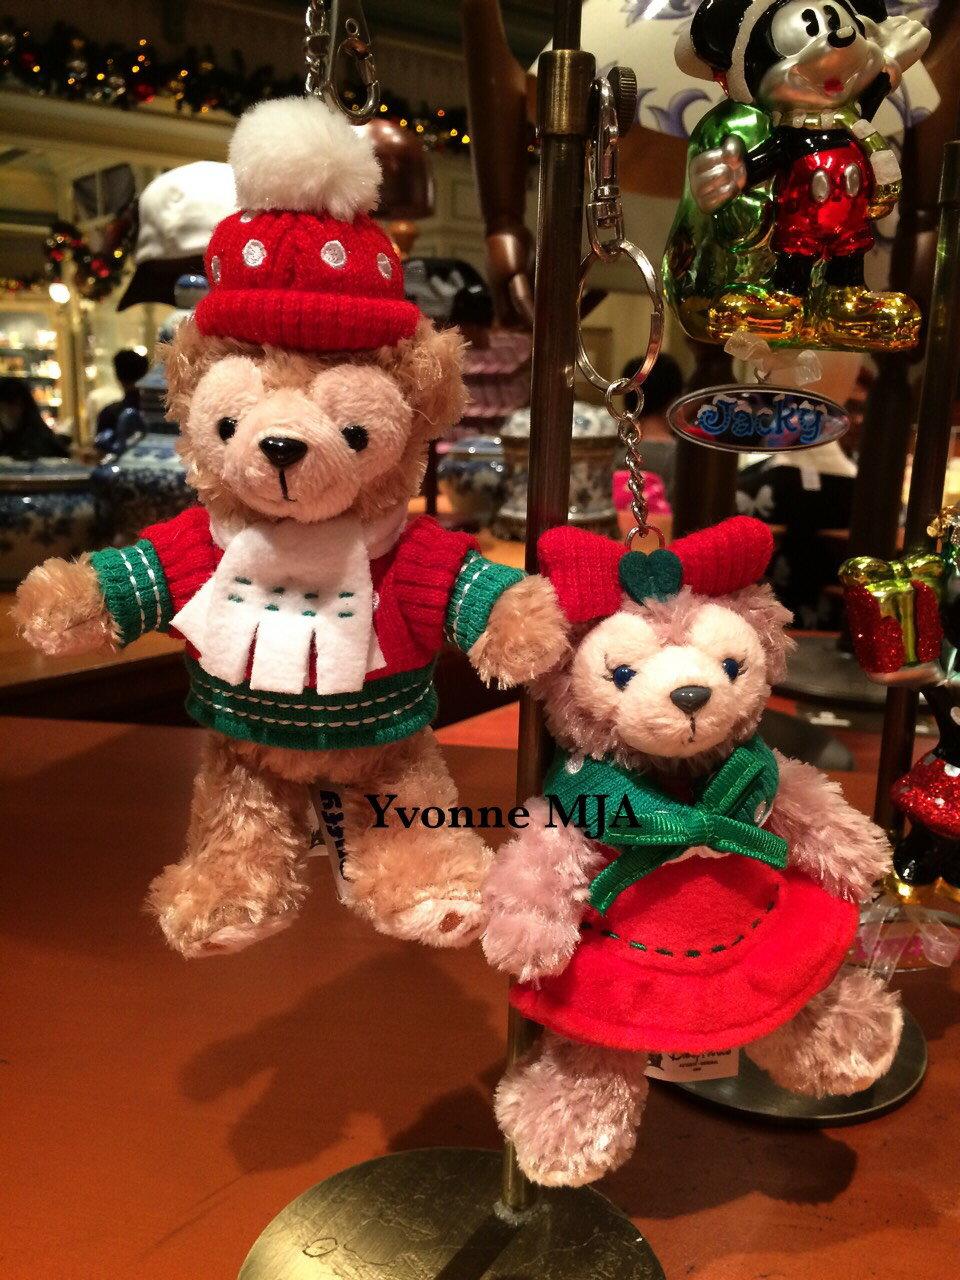 *Yvonne MJA香港代購*香港迪士尼Disney限定正品Duffy達菲熊雪莉玫Shelliemay耶誕版站姿吊飾